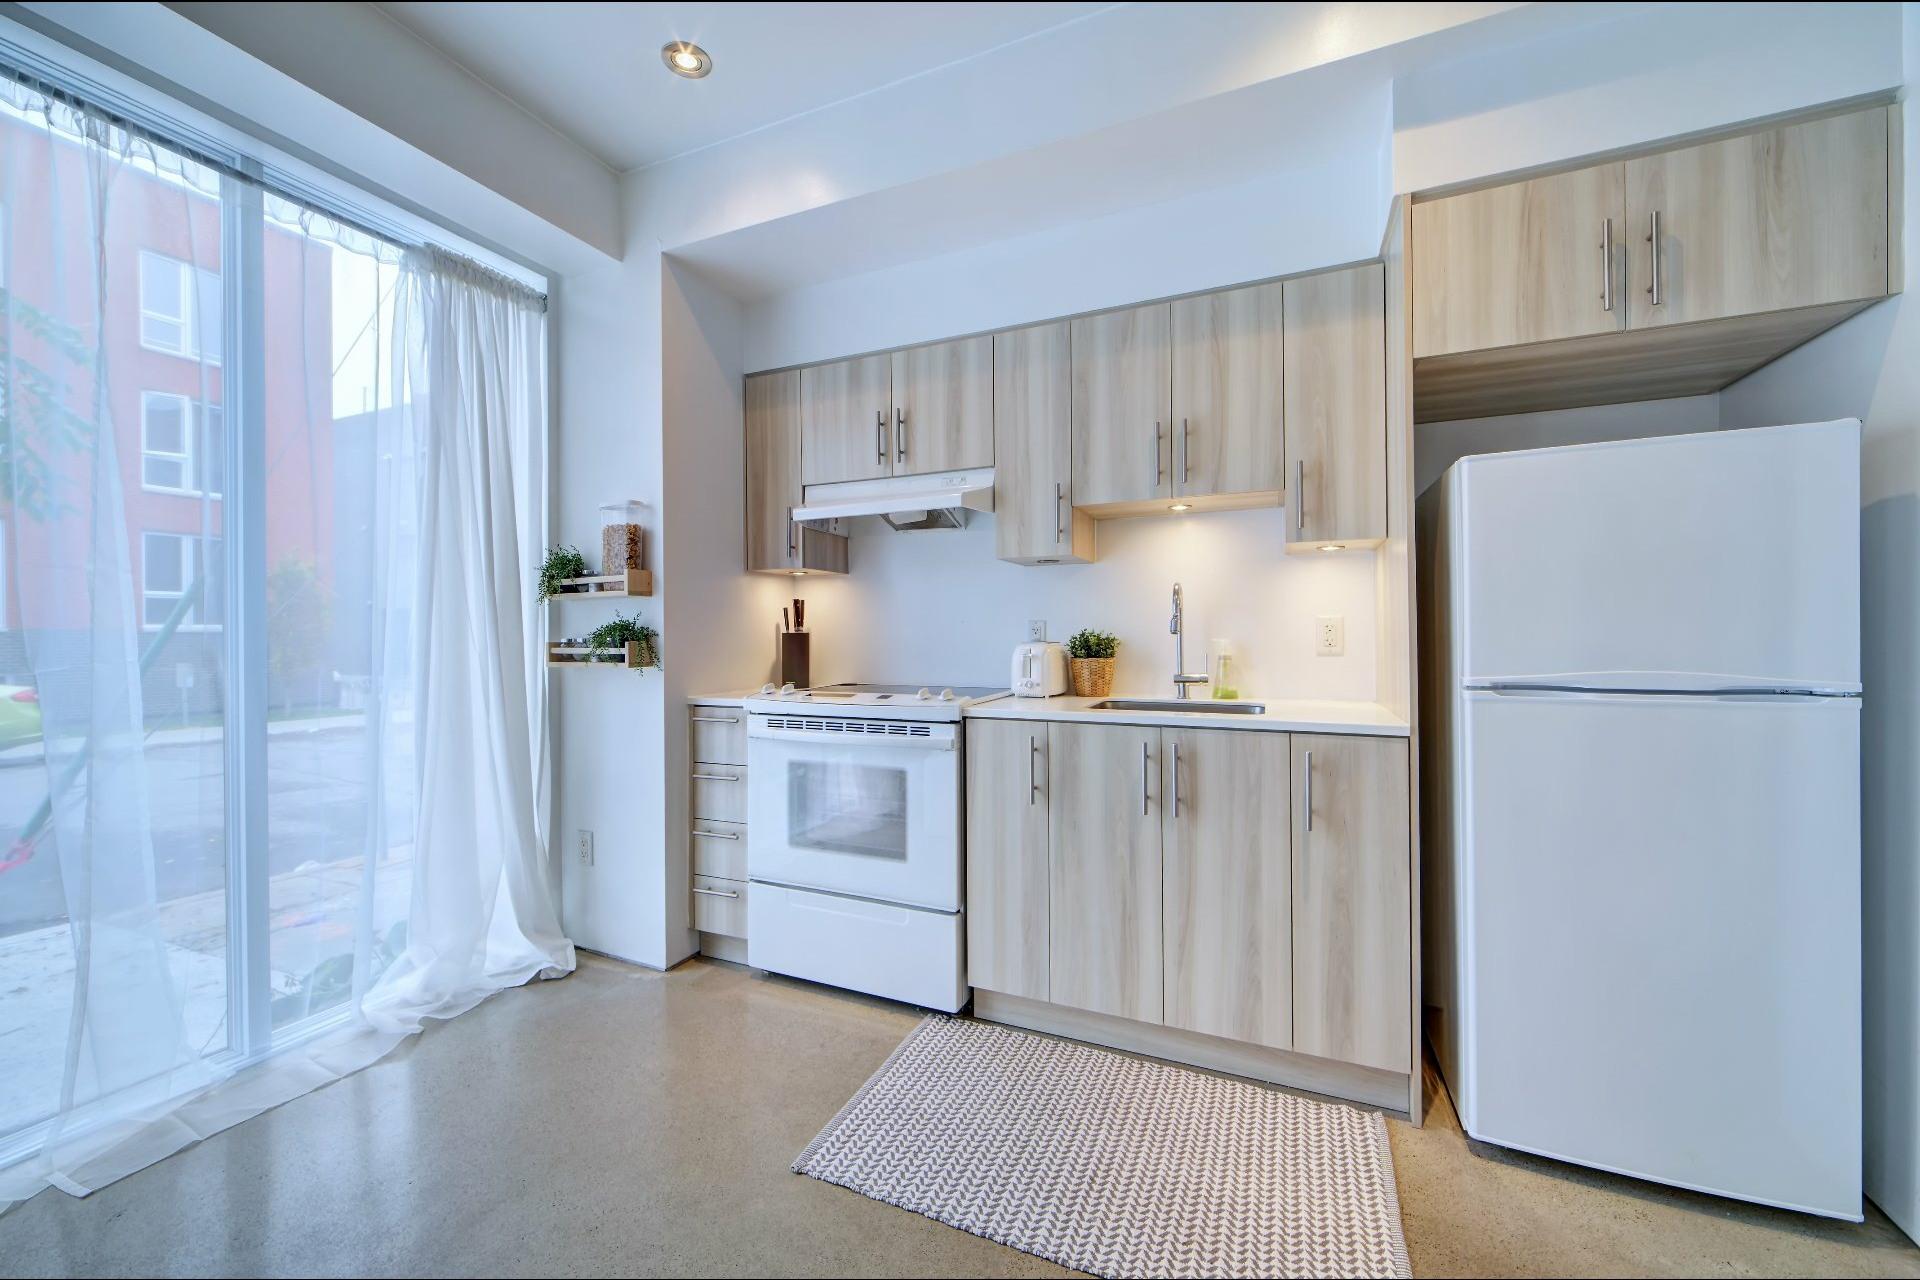 image 6 - Loft À vendre Montréal Ville-Marie  - 1 pièce